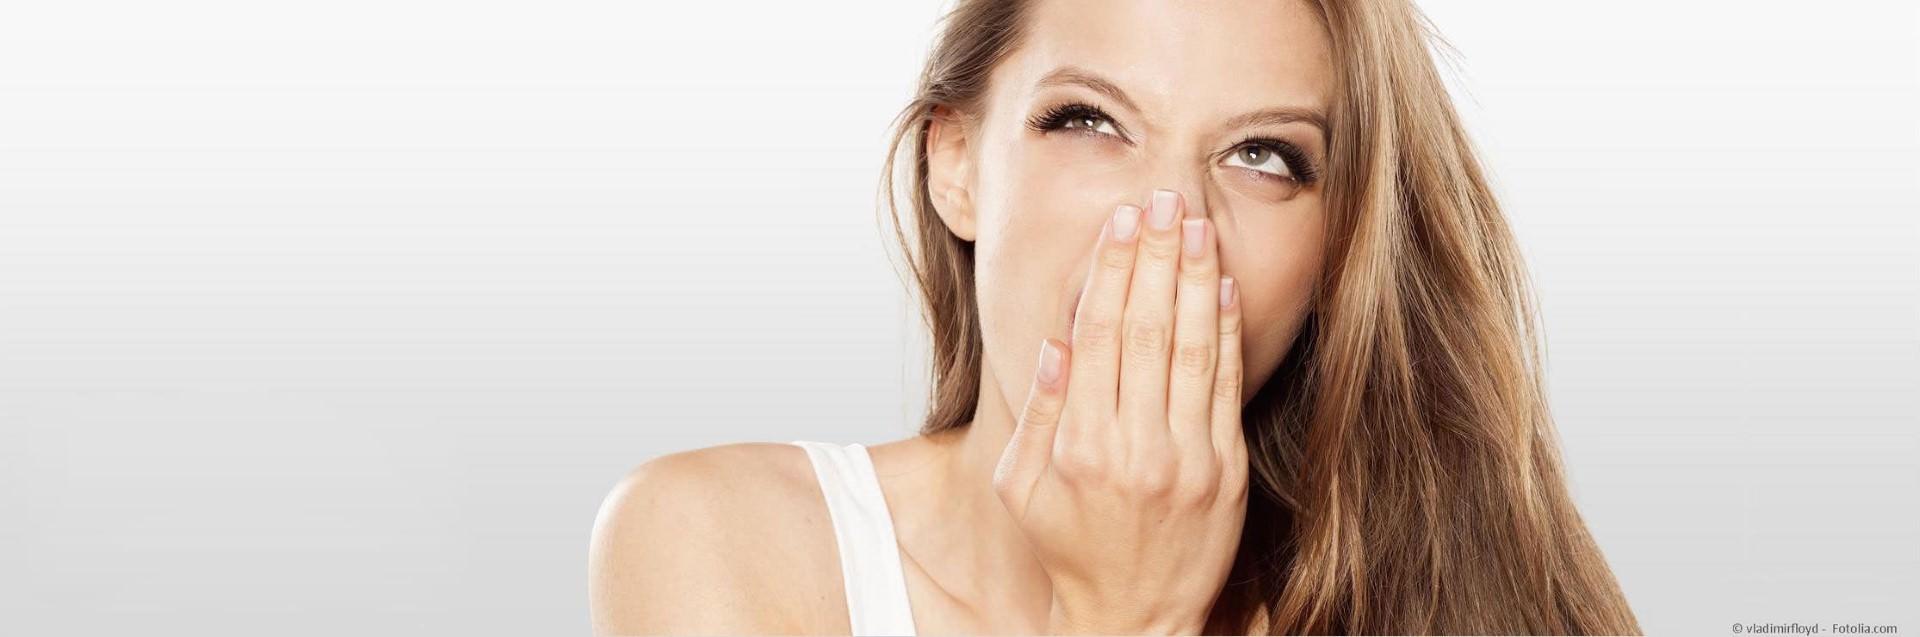 Hilfe gegen Mundgeruch in Eichenau